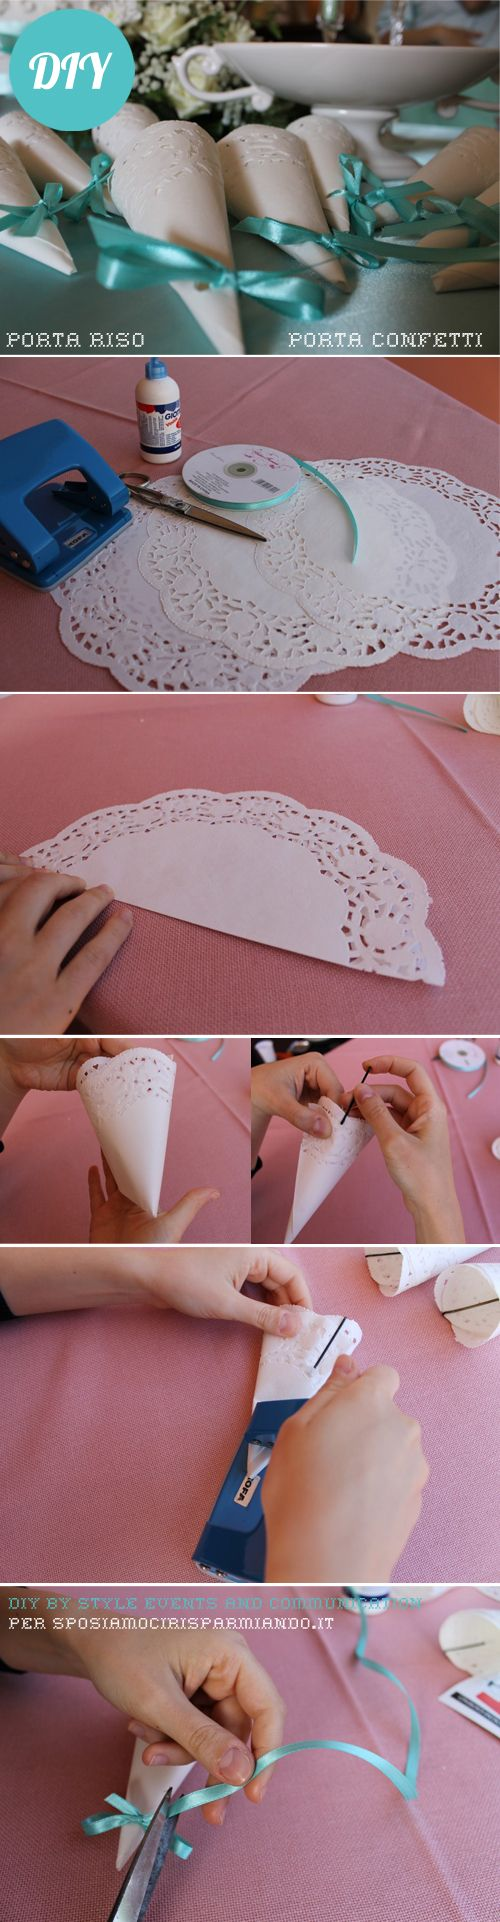 Eleganti coni portariso fai da te, che all'occorrenza si possono utilizzare anche come portaconfetti. Un facile e veloce DIY :-)